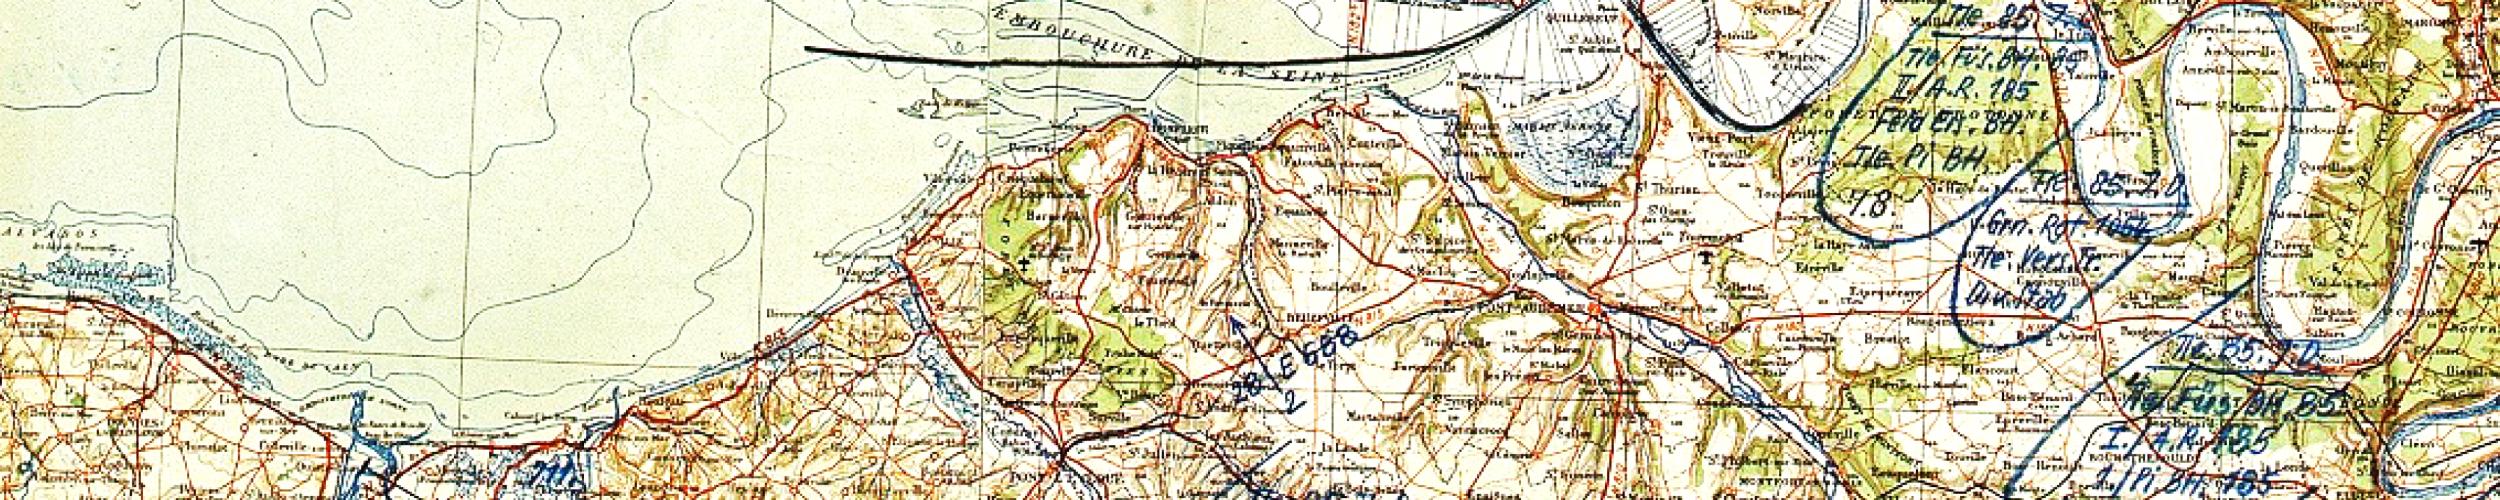 Geschiedkundige informatie over de omgeving rondom La Grande Roche